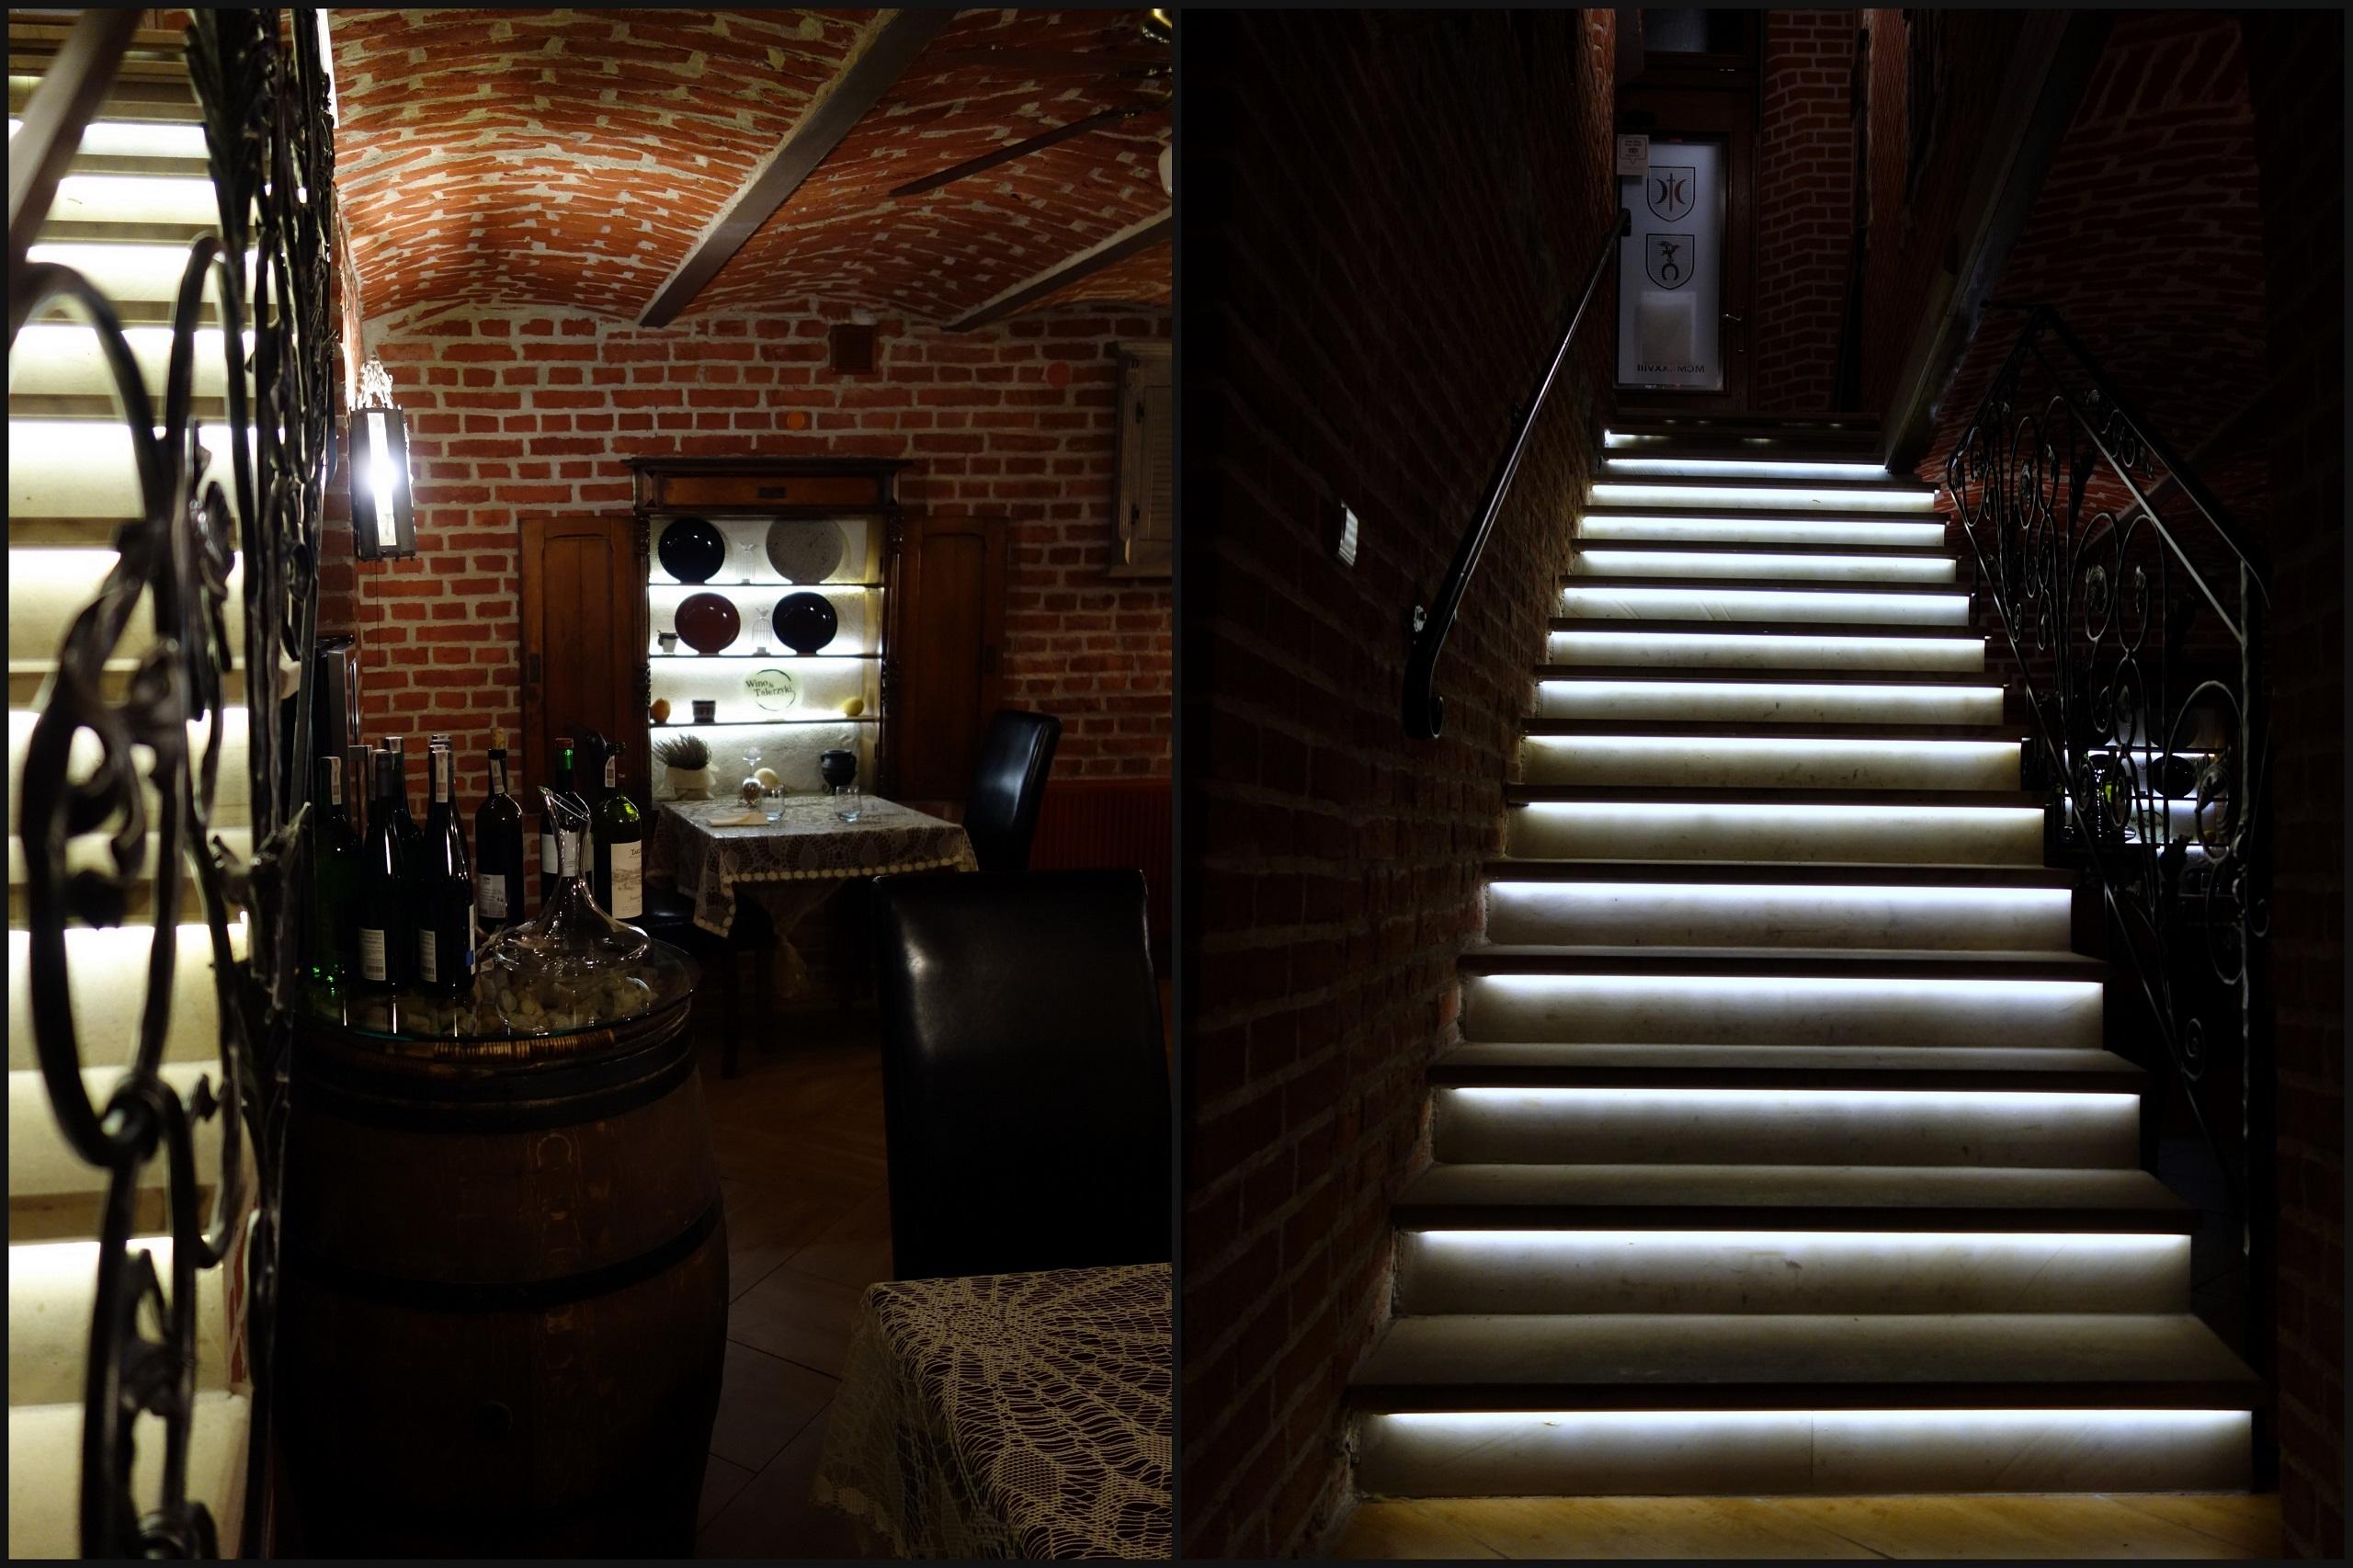 Nowa restauracja w Krośnie - Wino i Talerzyki